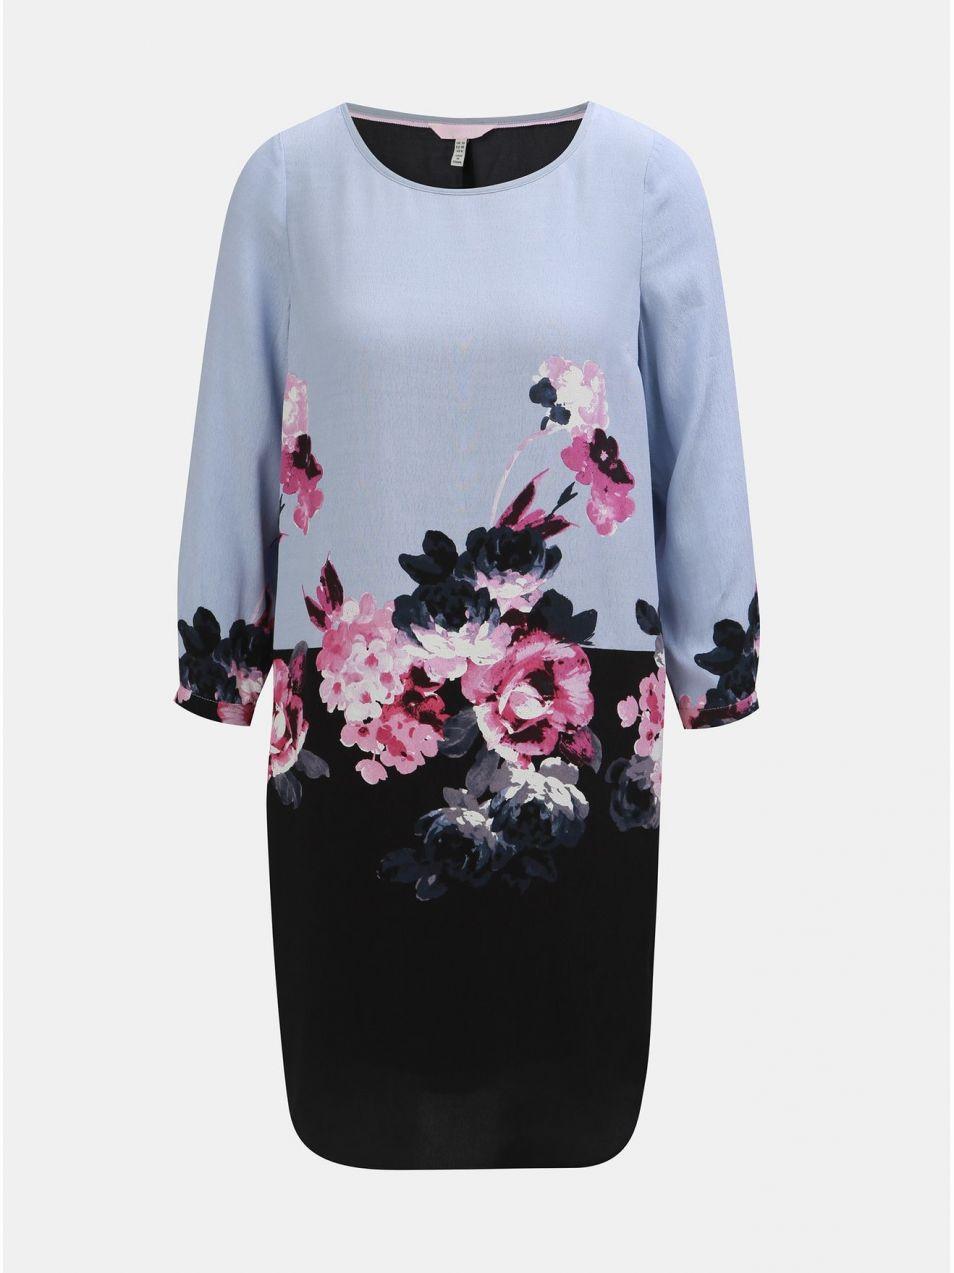 Čierno–modré kvetované šaty s 3 4 rukávom Tom Joule značky Tom Joule -  Lovely.sk 8cbc84a06a0